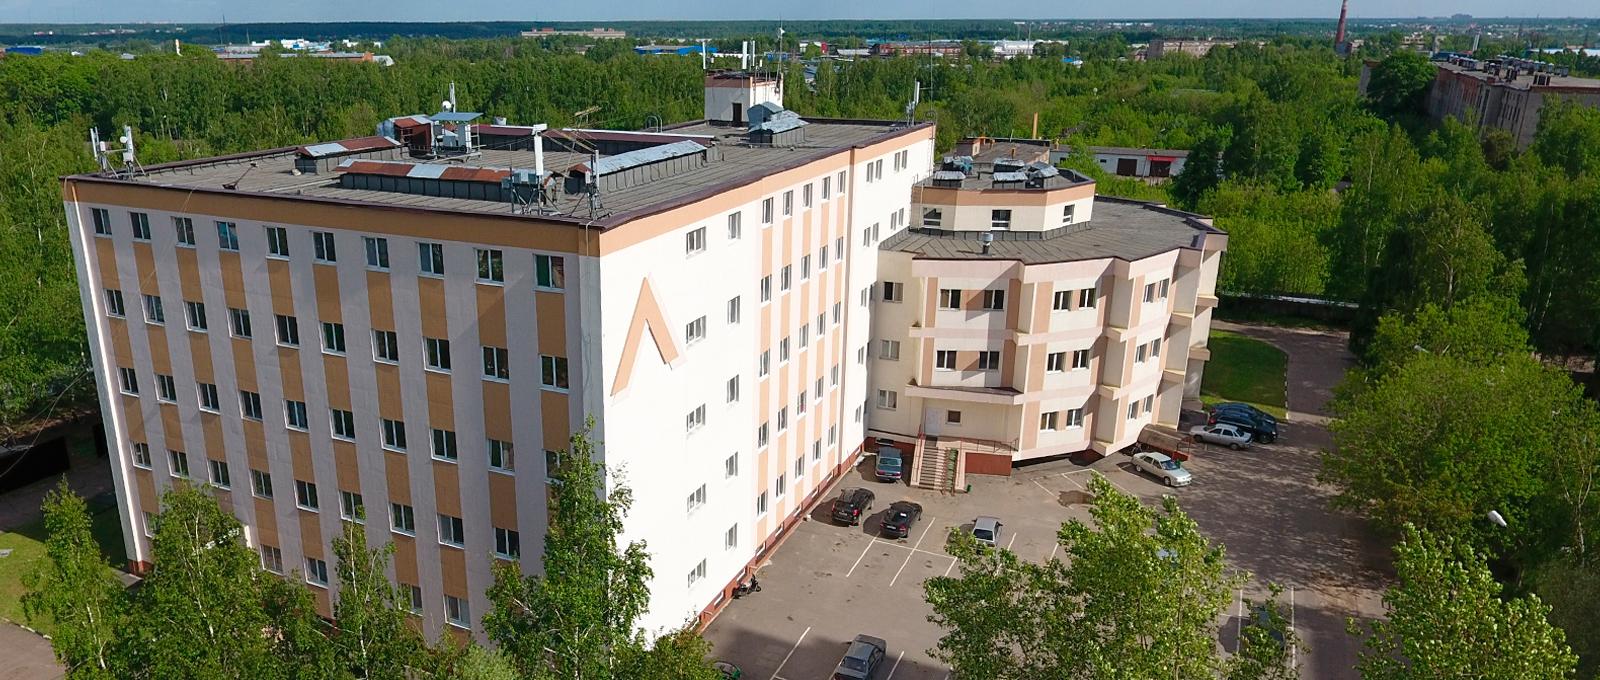 Бюджетная Гостиница в городе Старой Купавне рядом с Москвой